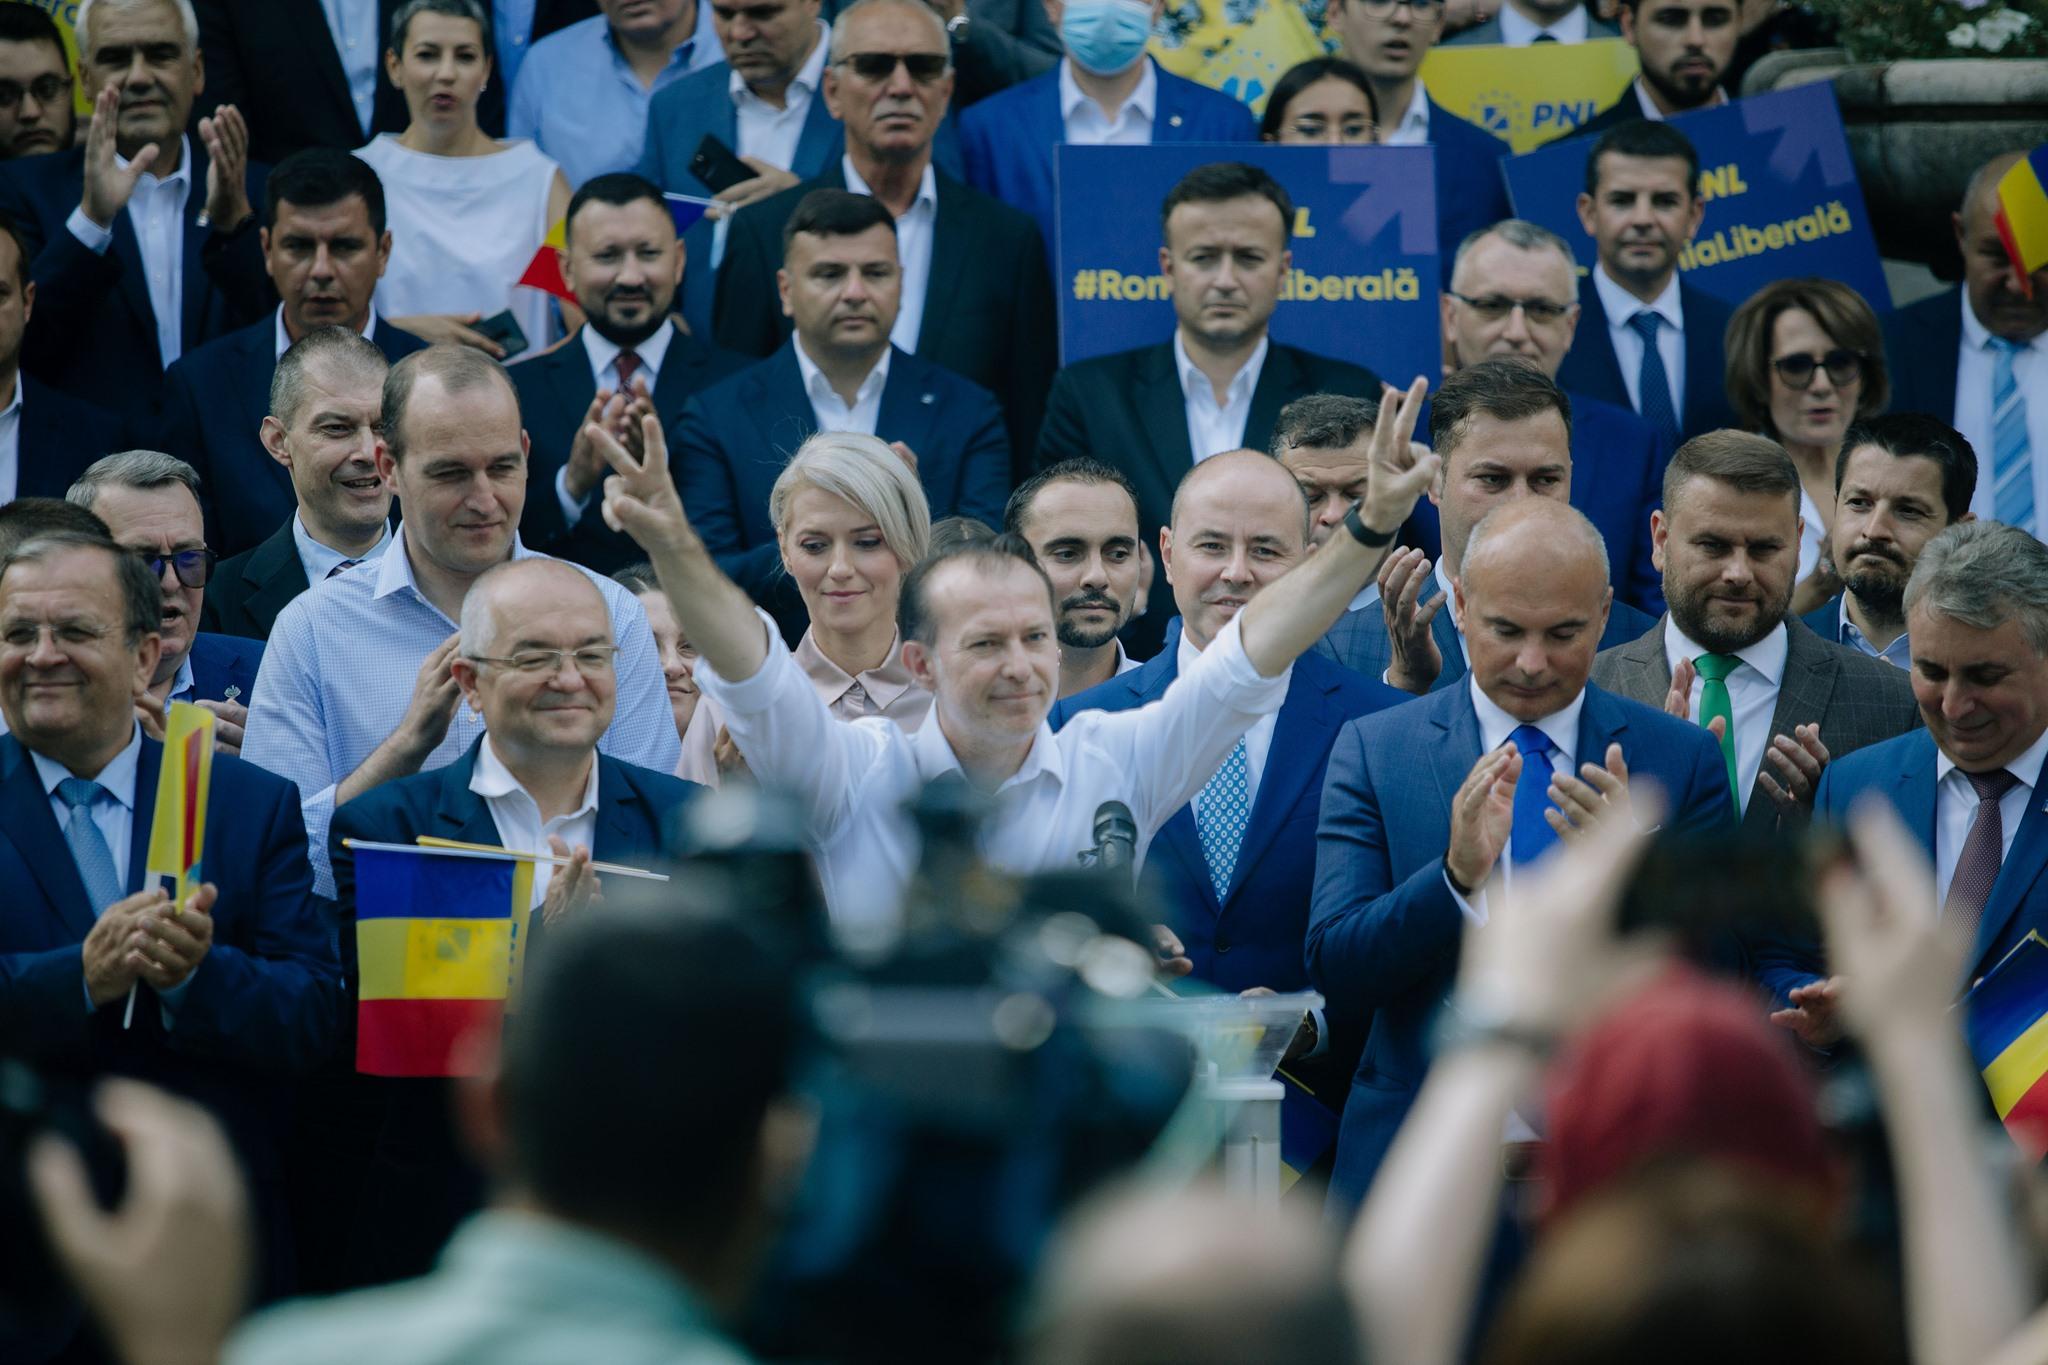 Congresul PNL cu 5.000 de invitați, la Romexpo. Cerere de anulare a evenimentului din București, în scenariul roșu: pericol pentru sănătatea publică